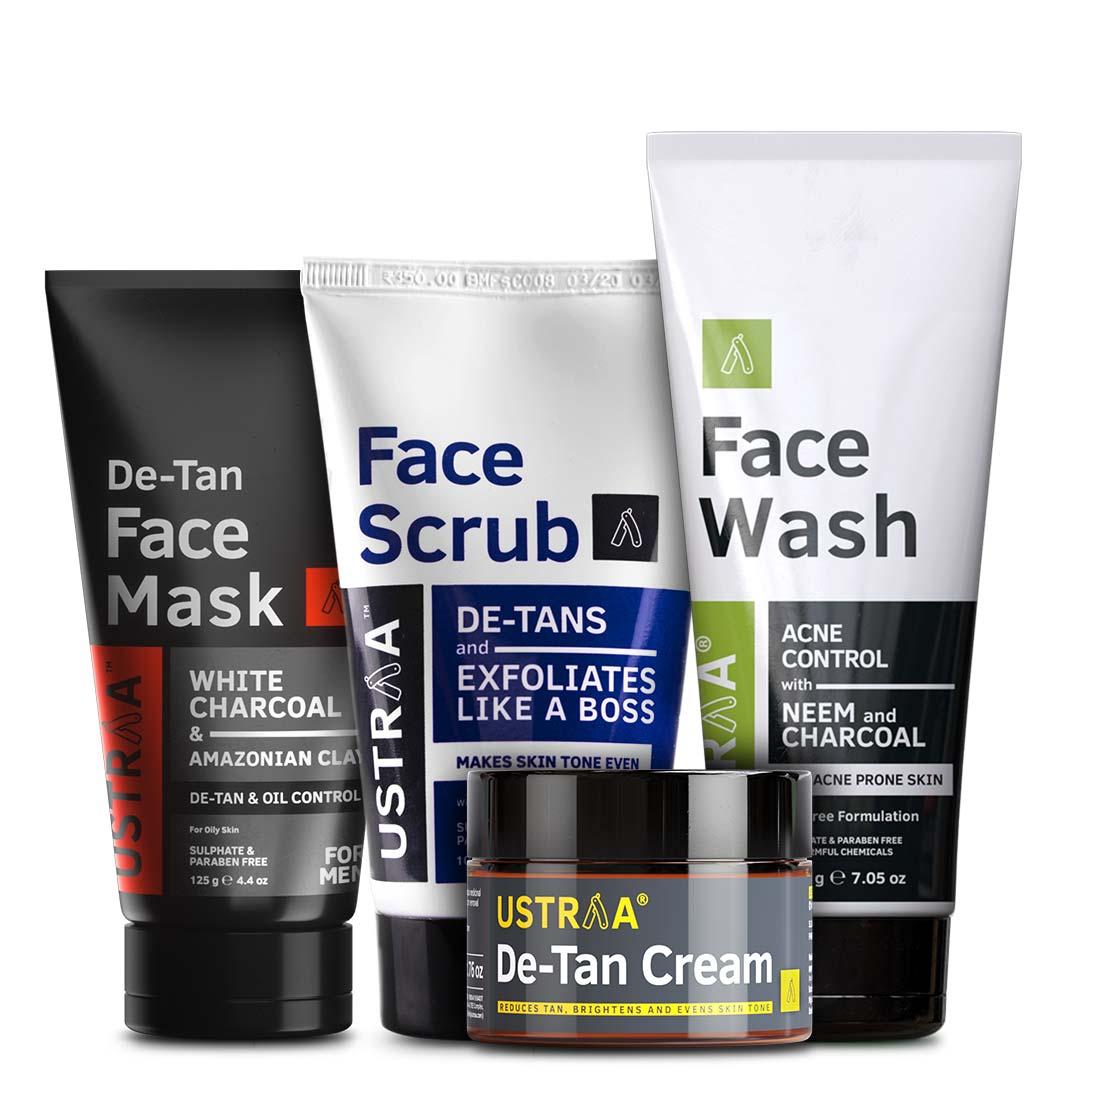 Ustraa Complete De-Tan Solution for Men (Set of 4): Face Wash + De-Tan Face Mask + Face Scrub + De-tan Cream